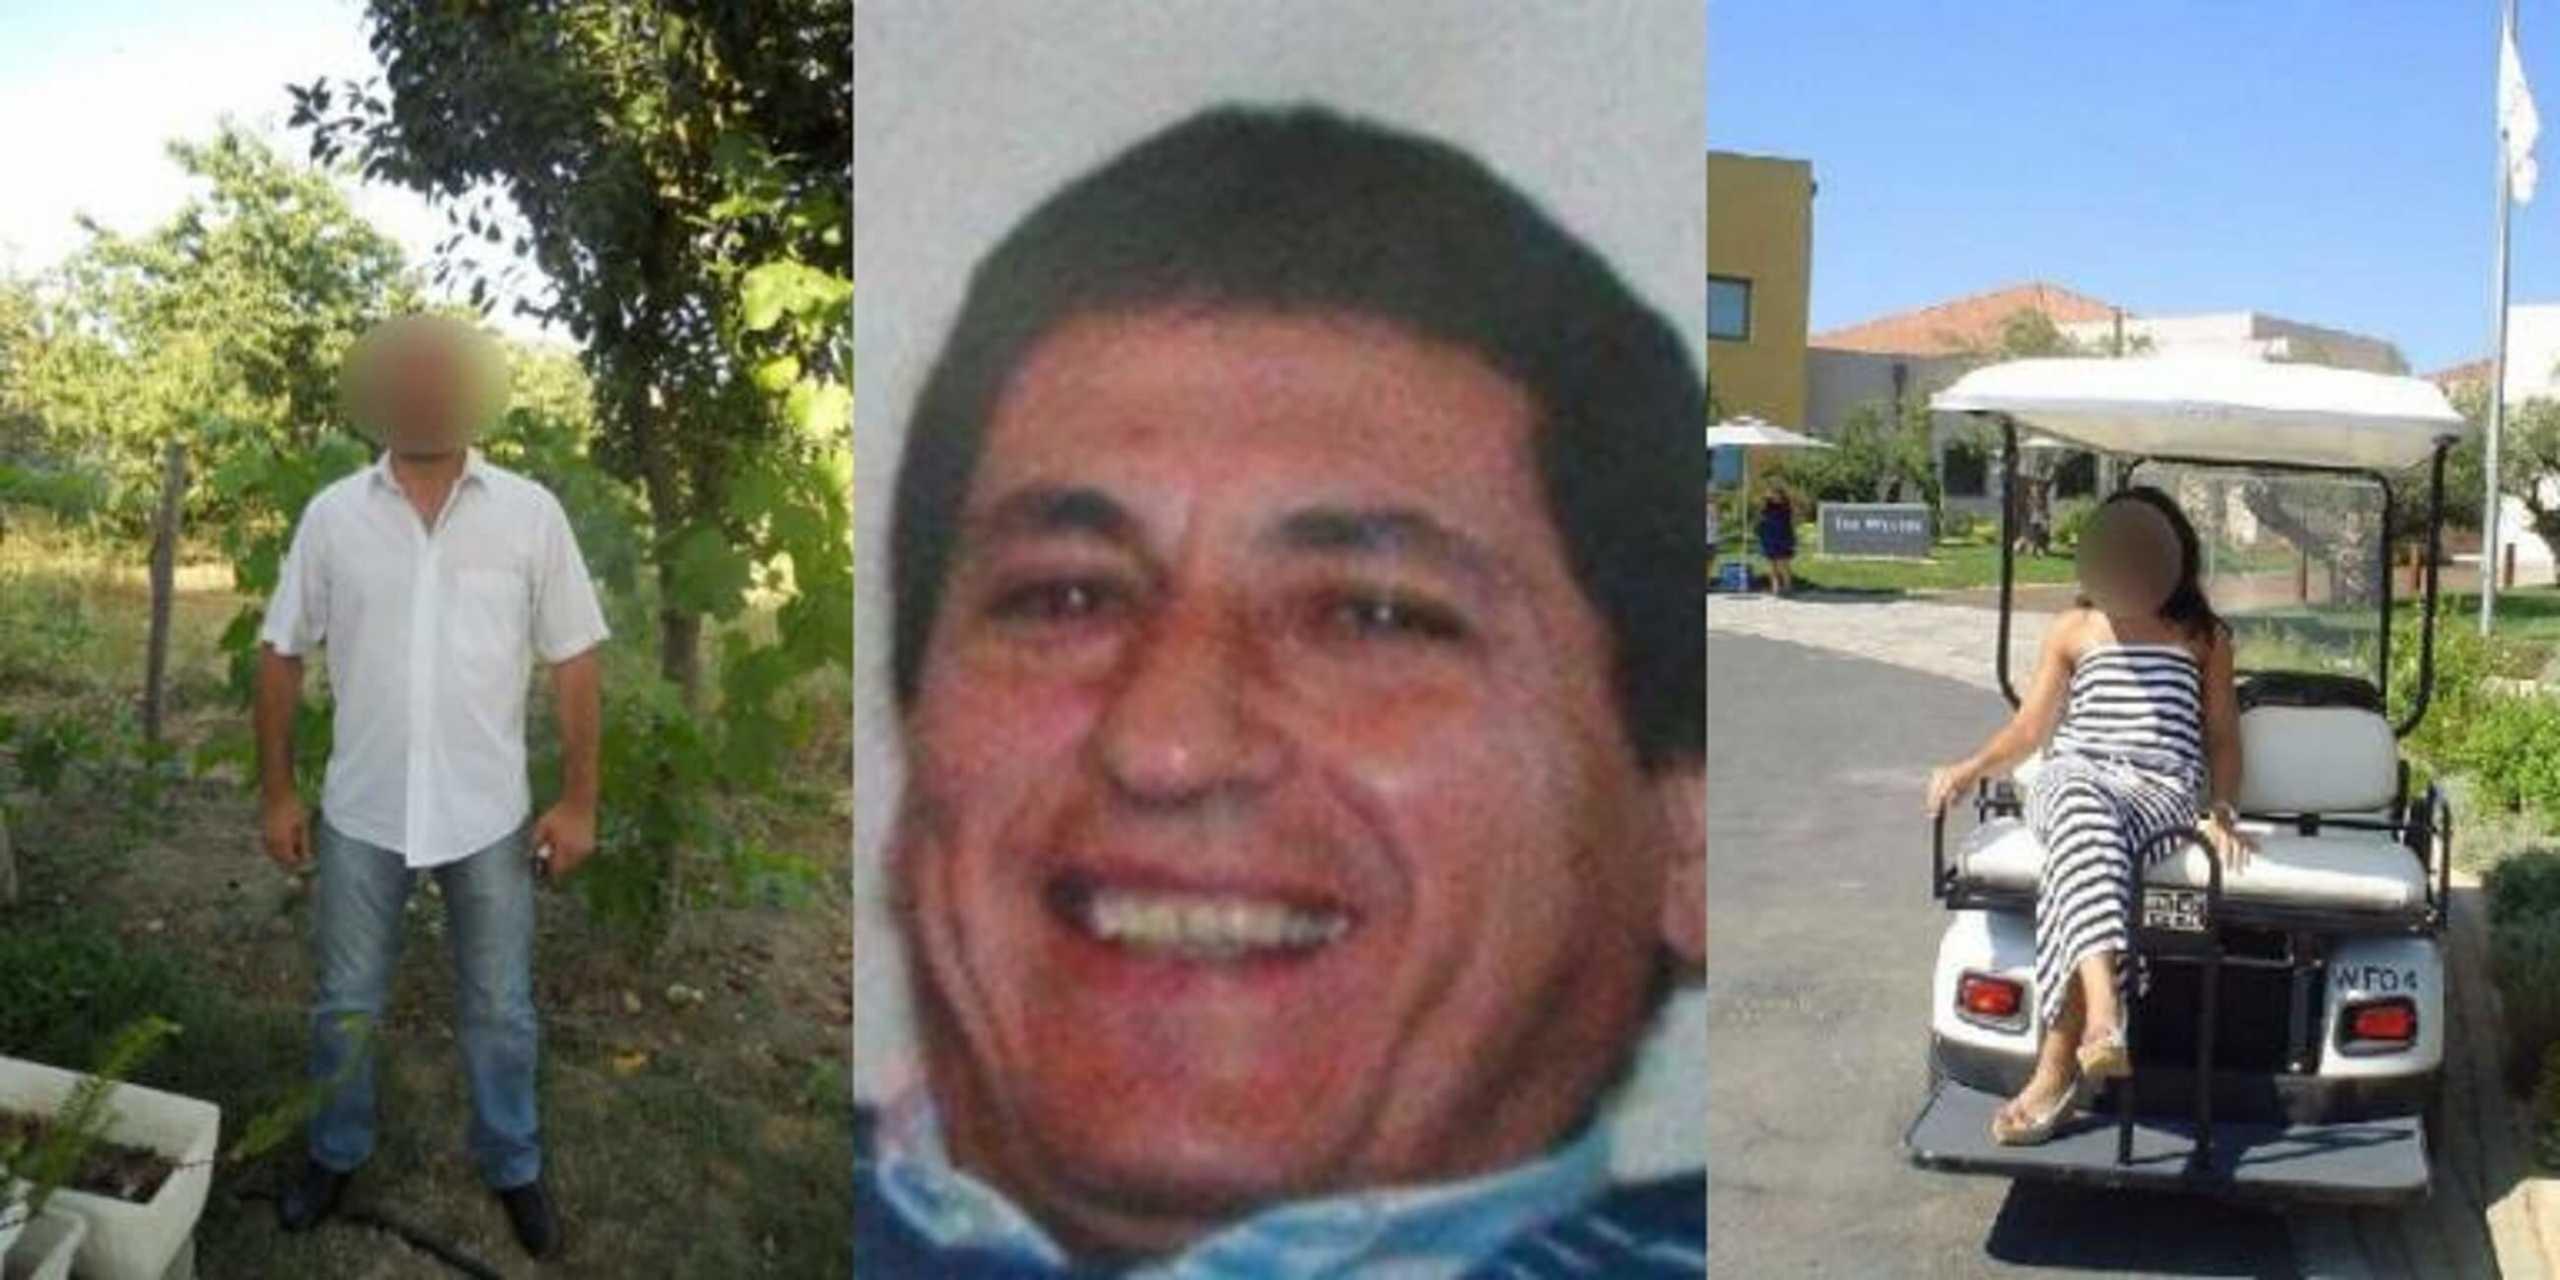 Κρήτη: Αναβλήθηκε η δίκη για τη δολοφονία του καρδιολόγου Χριστόδουλου Καλαντζάκη! Σατανικό το σχέδιο εκτέλεσης